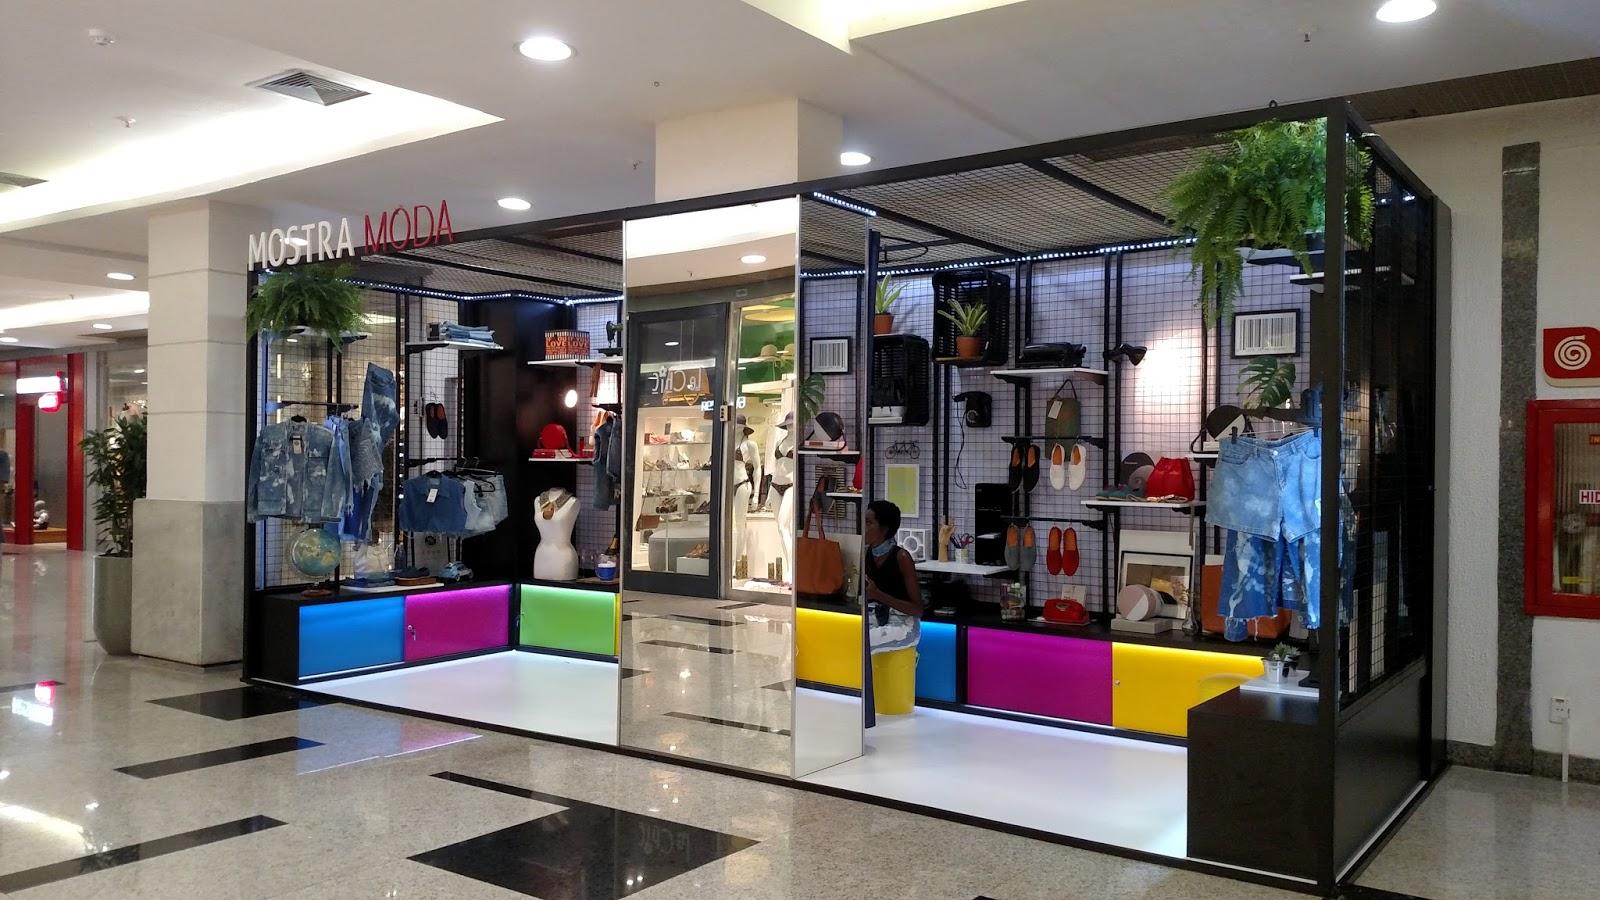 0fdda6594c7b6 Mostra Moda  loja com conceito coletivo traz novas experiências de ...